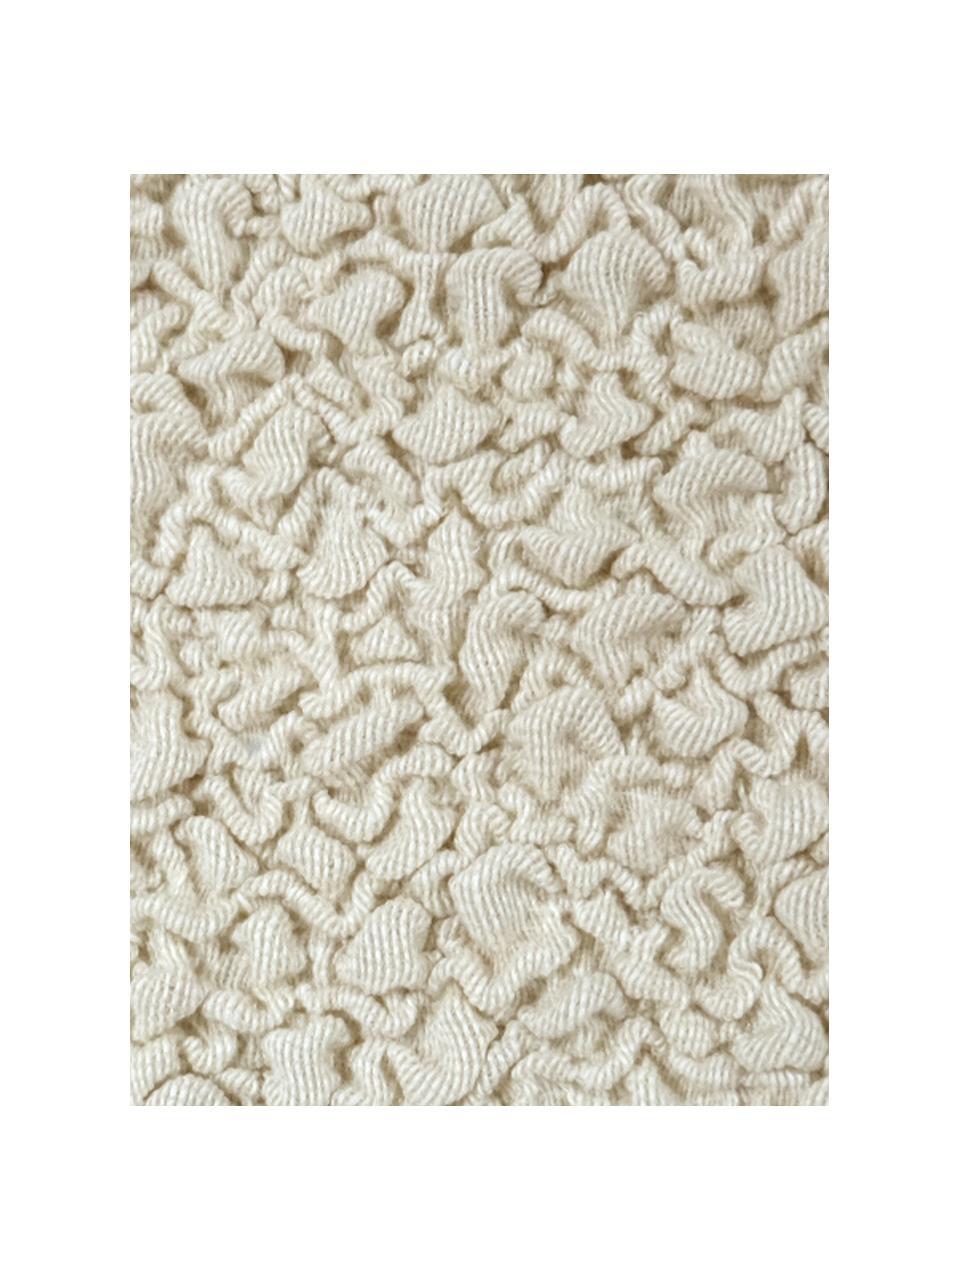 Copertura divano angolare Roc, 55% poliestere, 35% cotone, 10% elastomero, Color crema, Larg. 600 x Alt. 120 cm